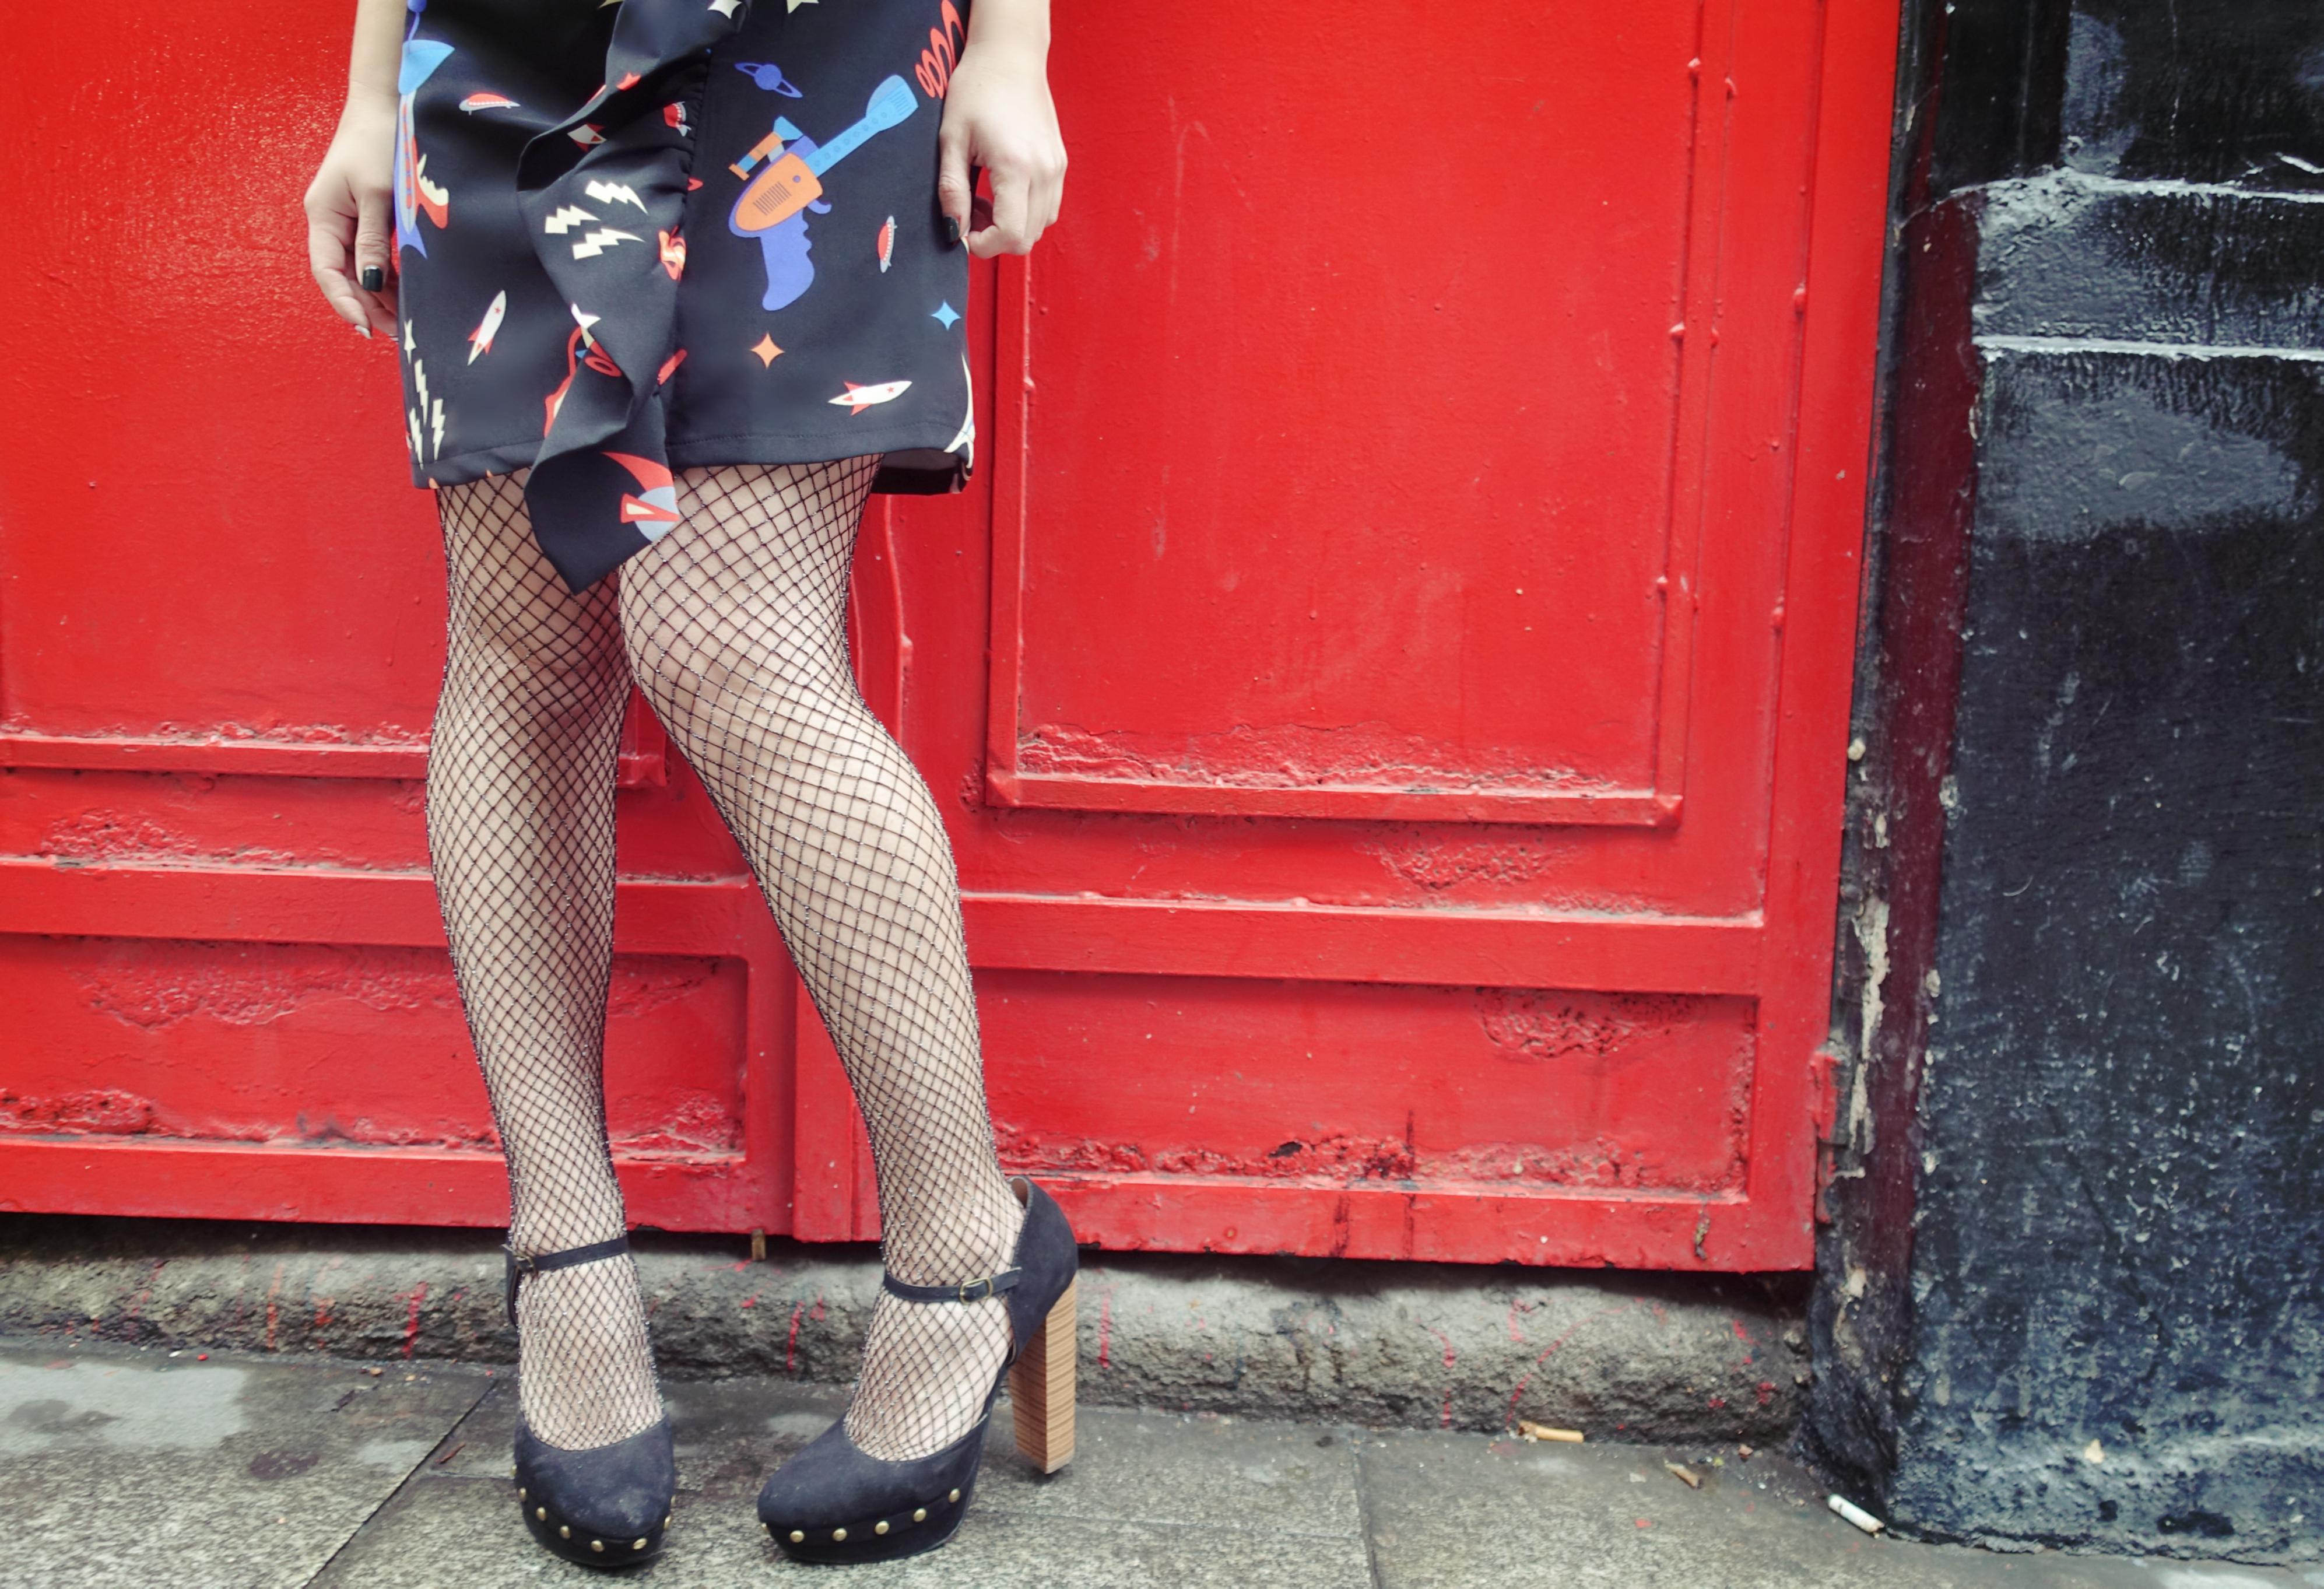 Justfab-shoes-medias-de-rejilla-blog-de-moda-PiensaenChic-infuencer-Chicadicta-zapatos-retro-Chic-adicta-fashion-Piensa-en-Chic